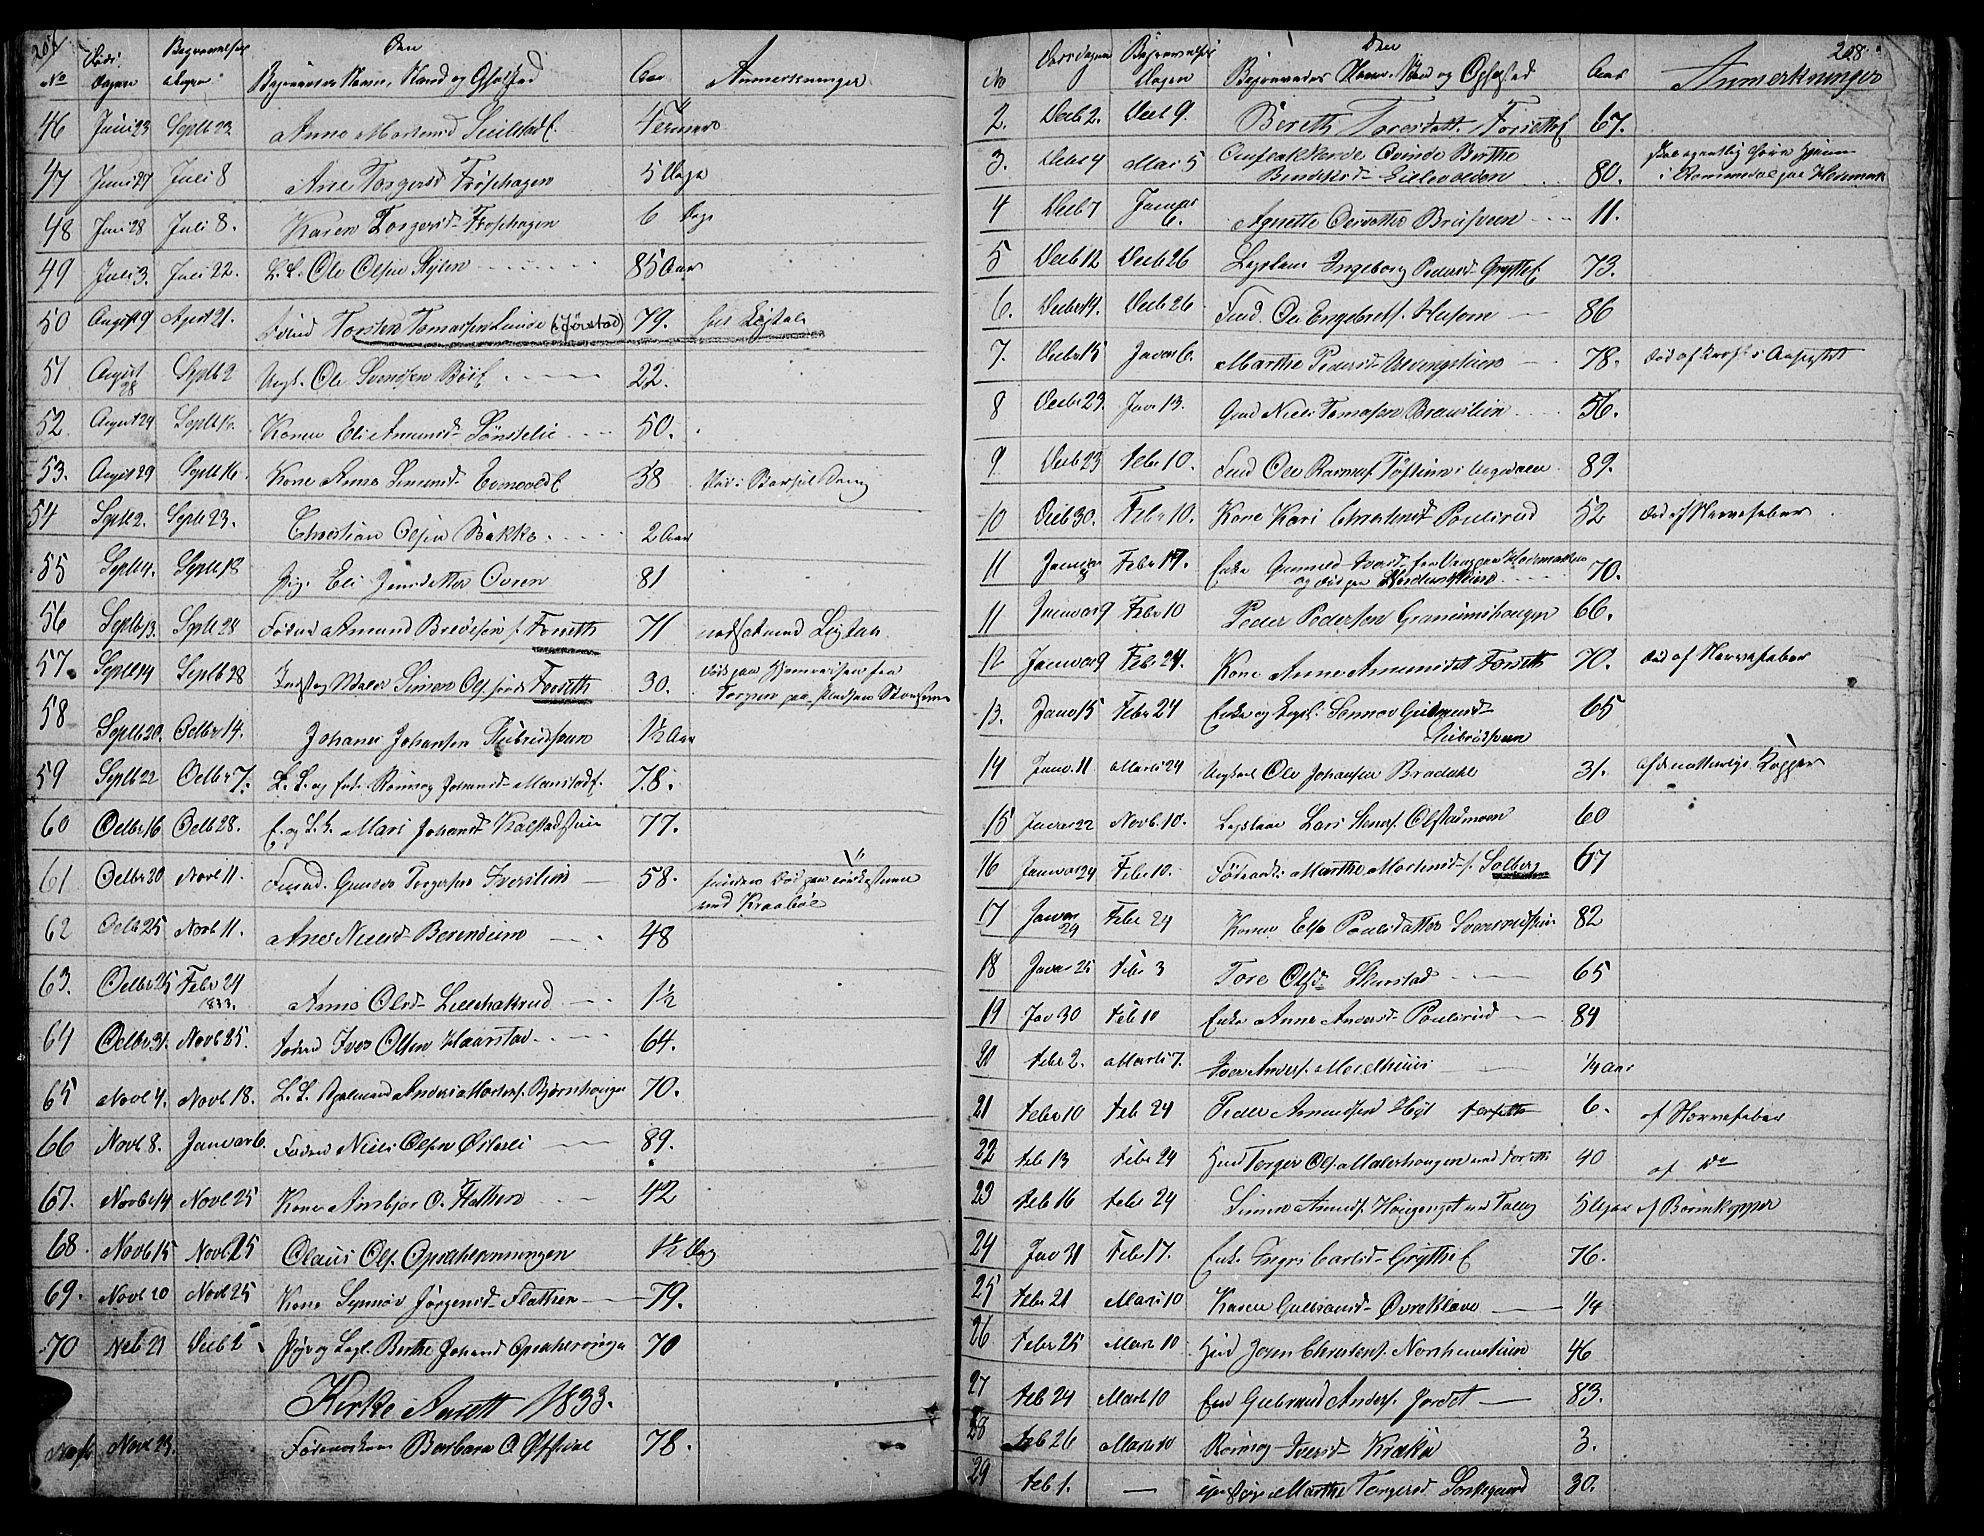 SAH, Gausdal prestekontor, Klokkerbok nr. 3, 1829-1864, s. 207-208